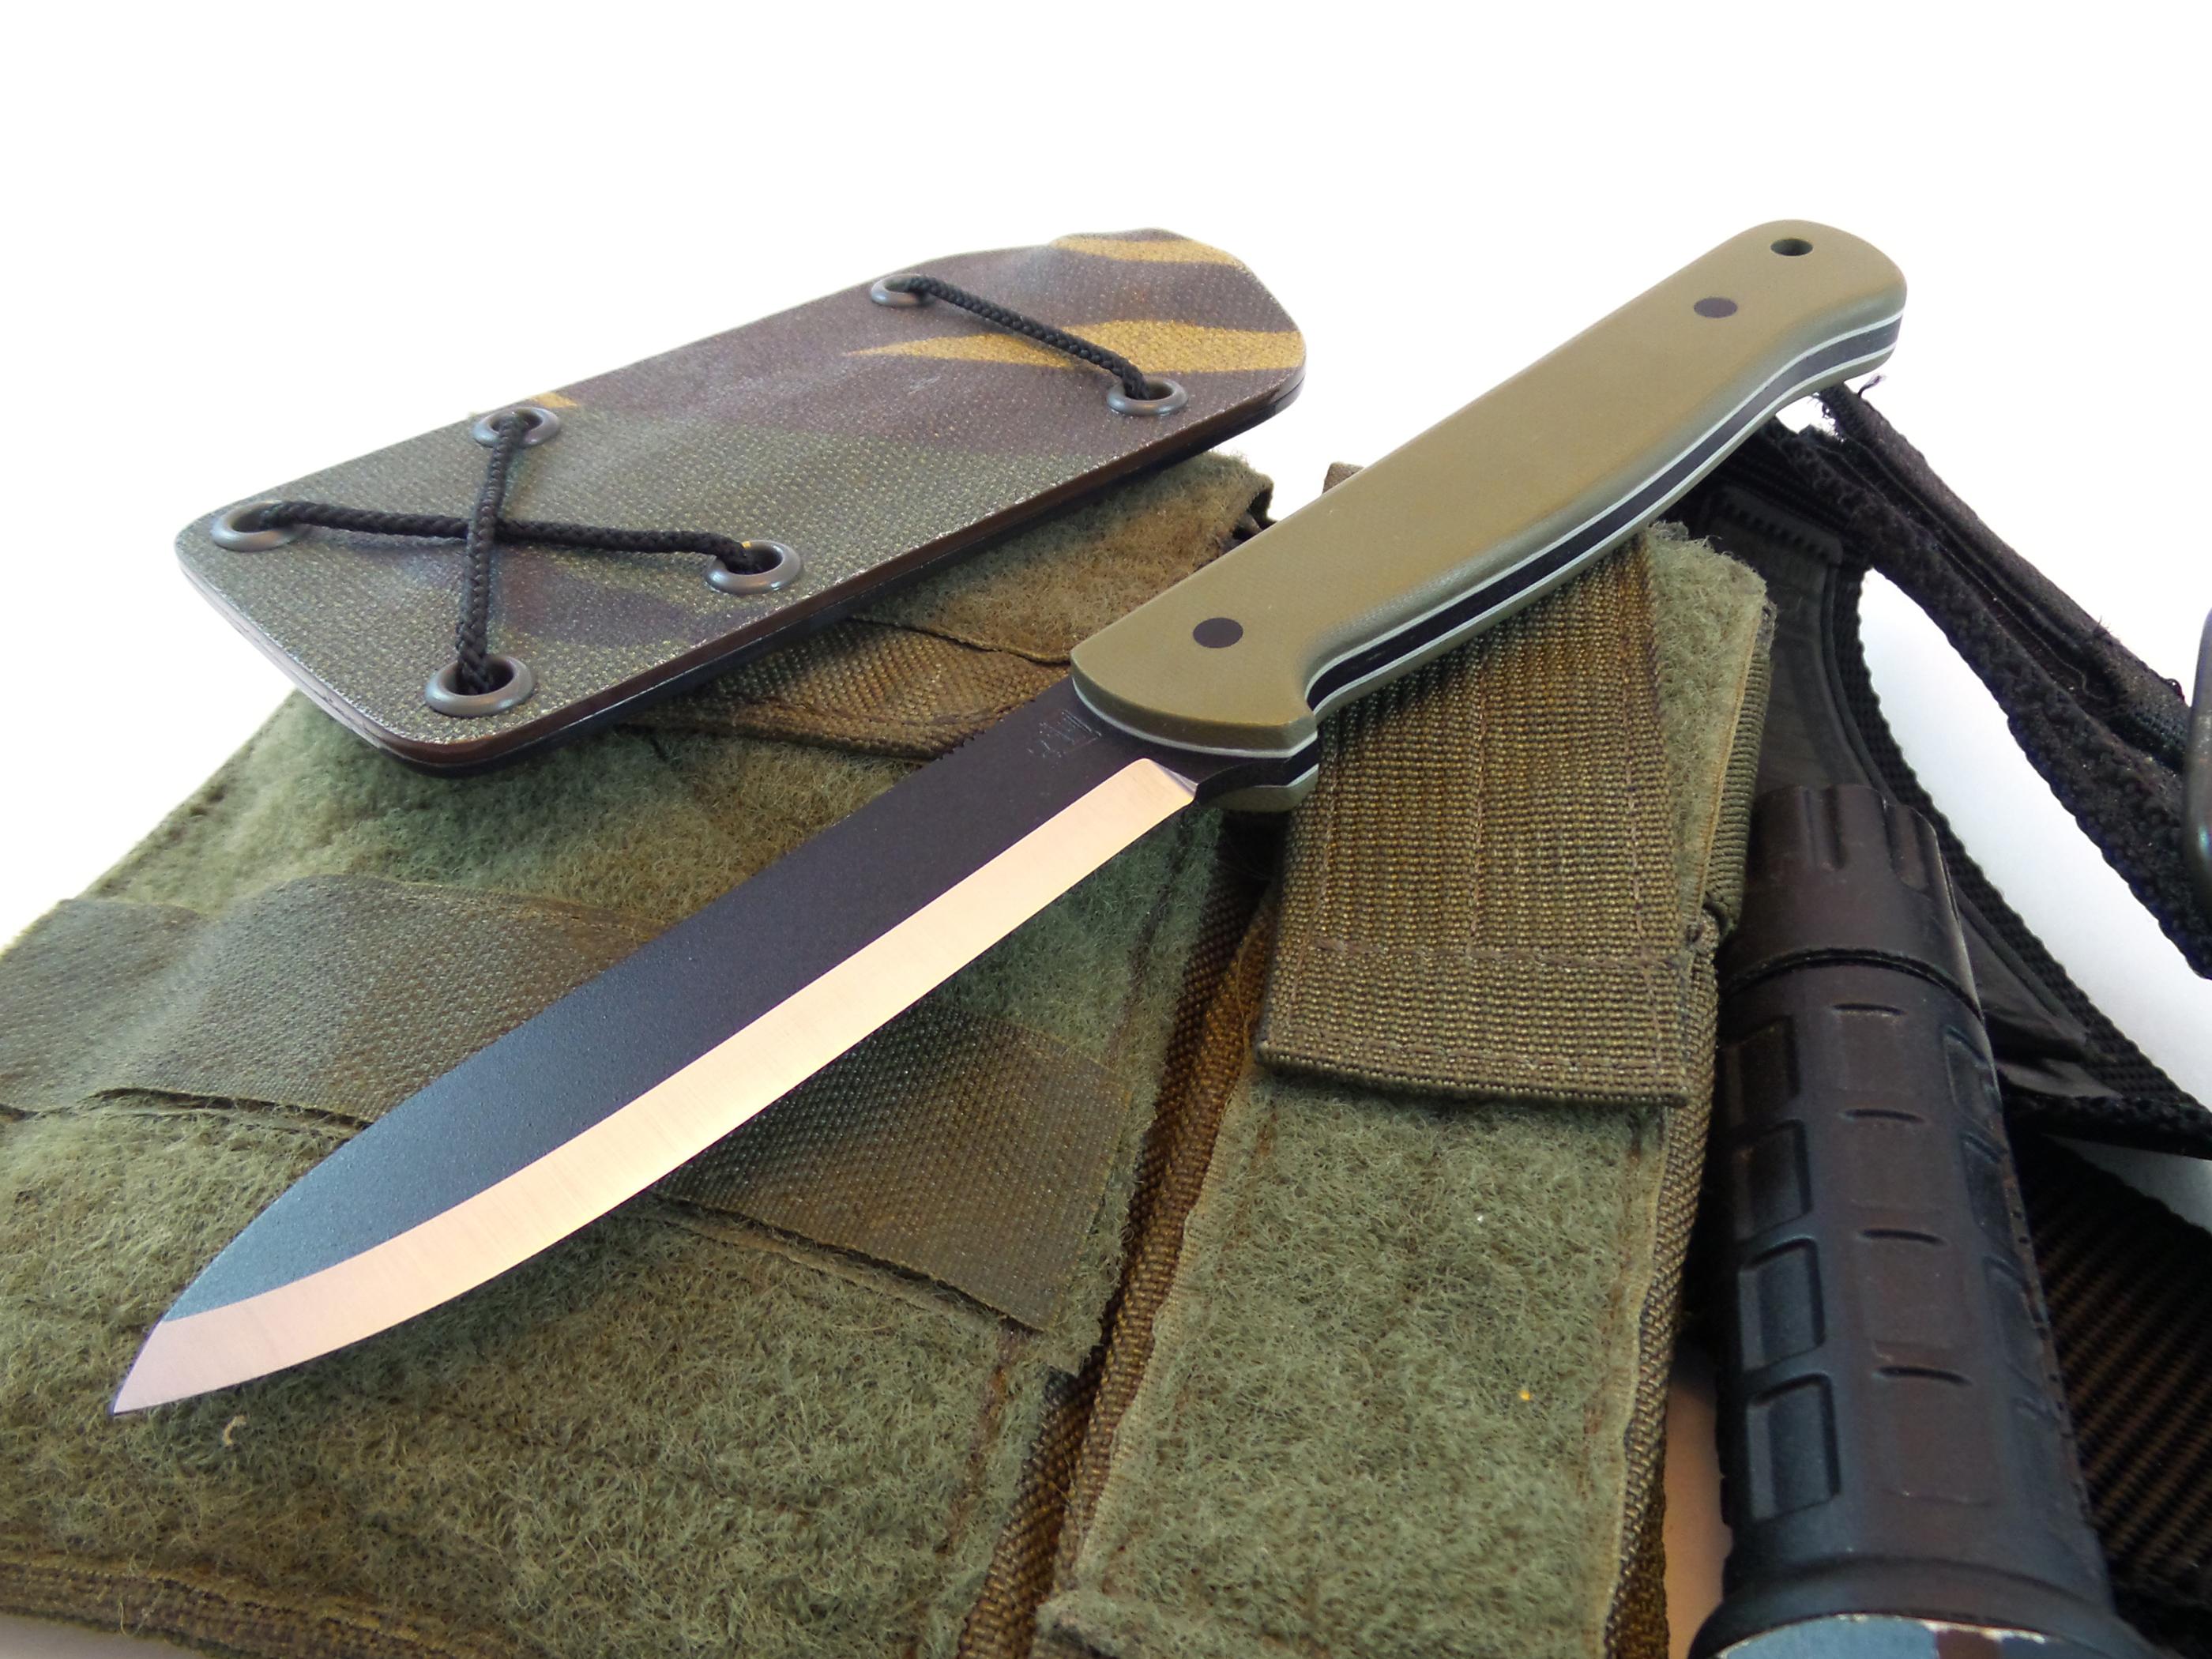 Allegheny Knifeworks